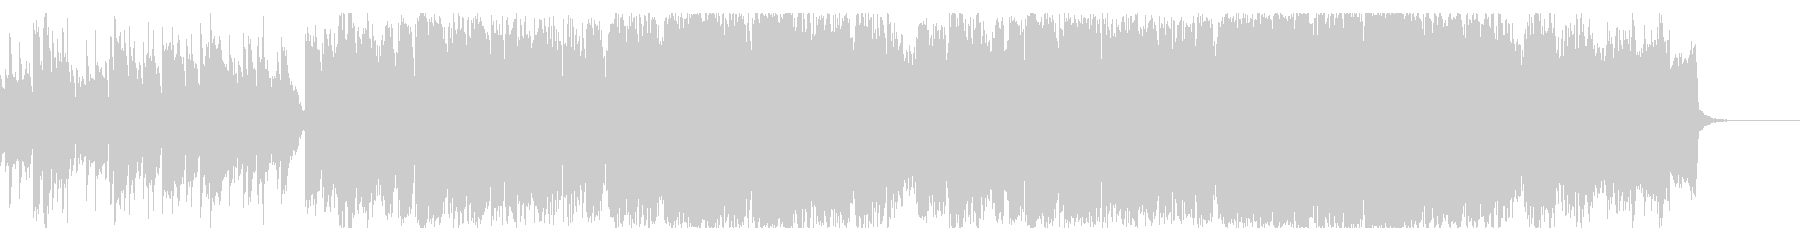 ドラマチックな和風オーケストラBGMの未再生の波形